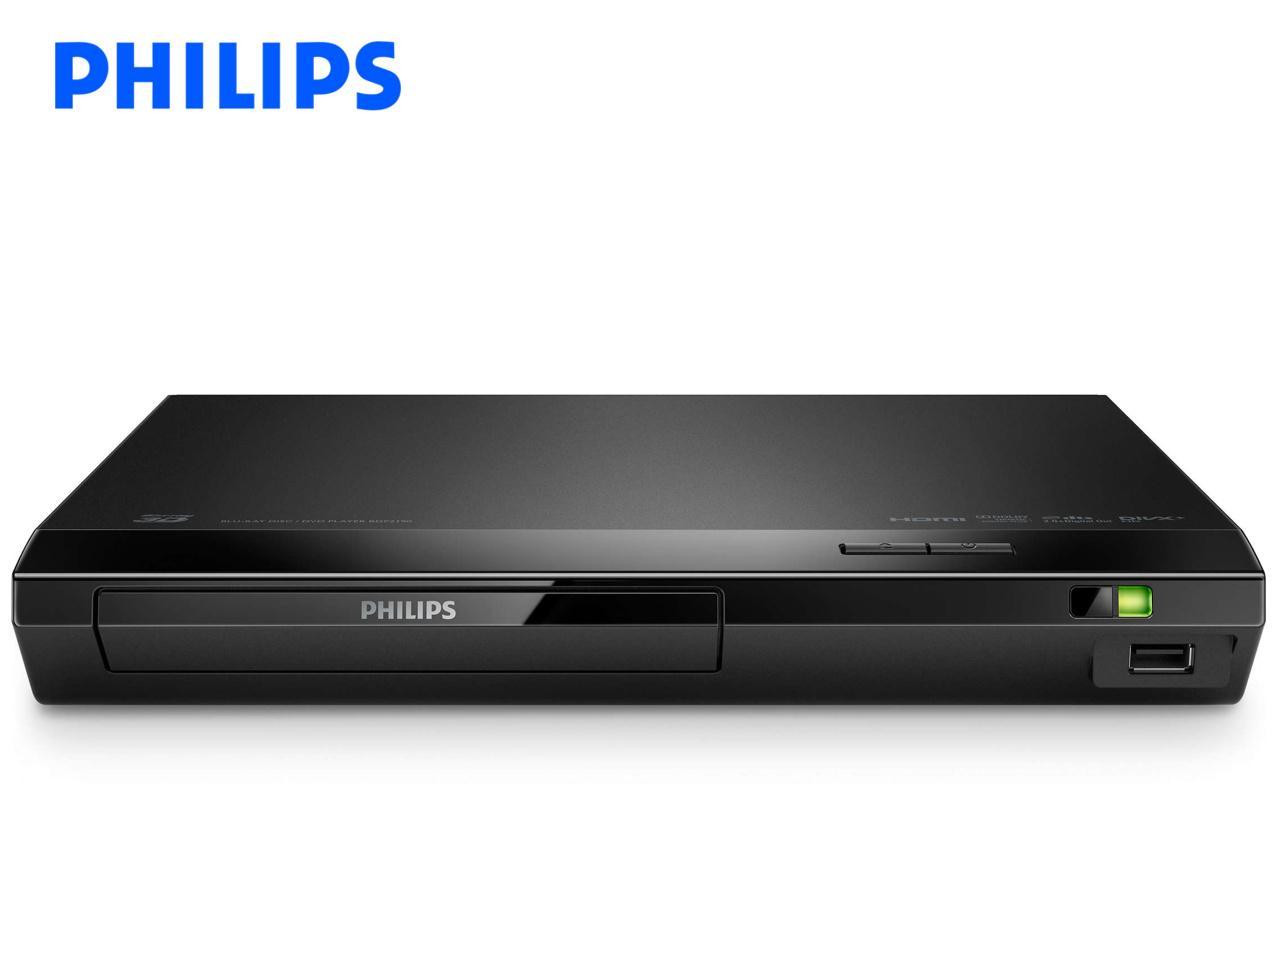 PHILIPS BDP2190 + 100 Kč na dárky nebo další nákup | CHAT on-line podpora PO-PÁ 8-22.00!!